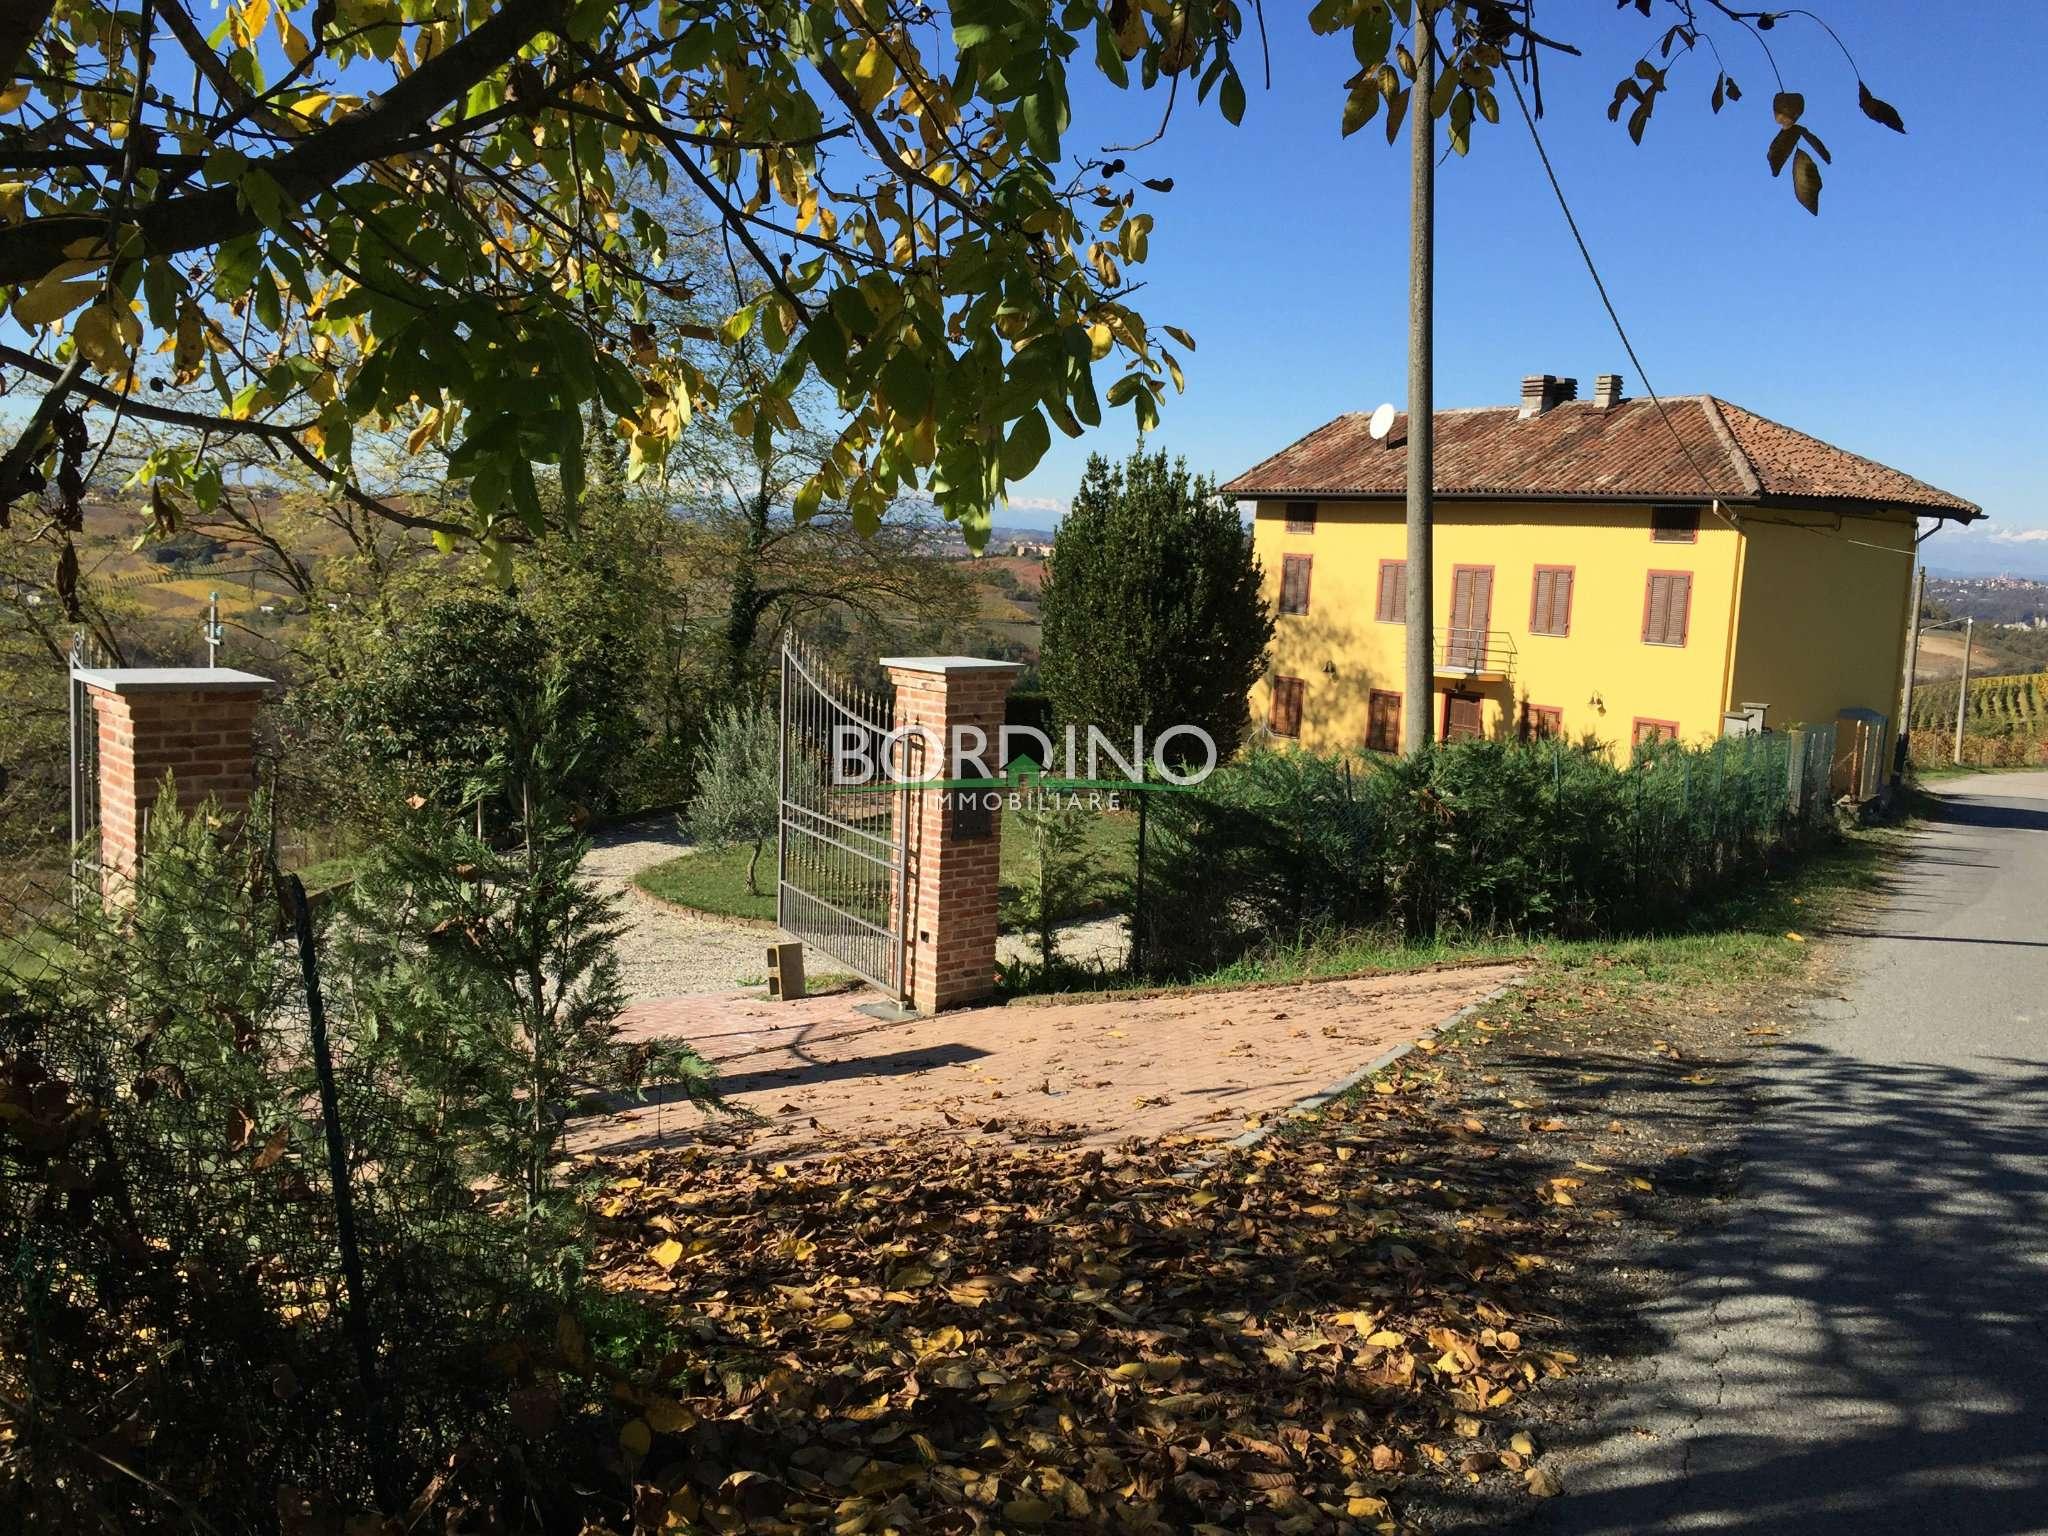 Soluzione Indipendente in vendita a Costigliole d'Asti, 6 locali, prezzo € 235.000 | Cambio Casa.it